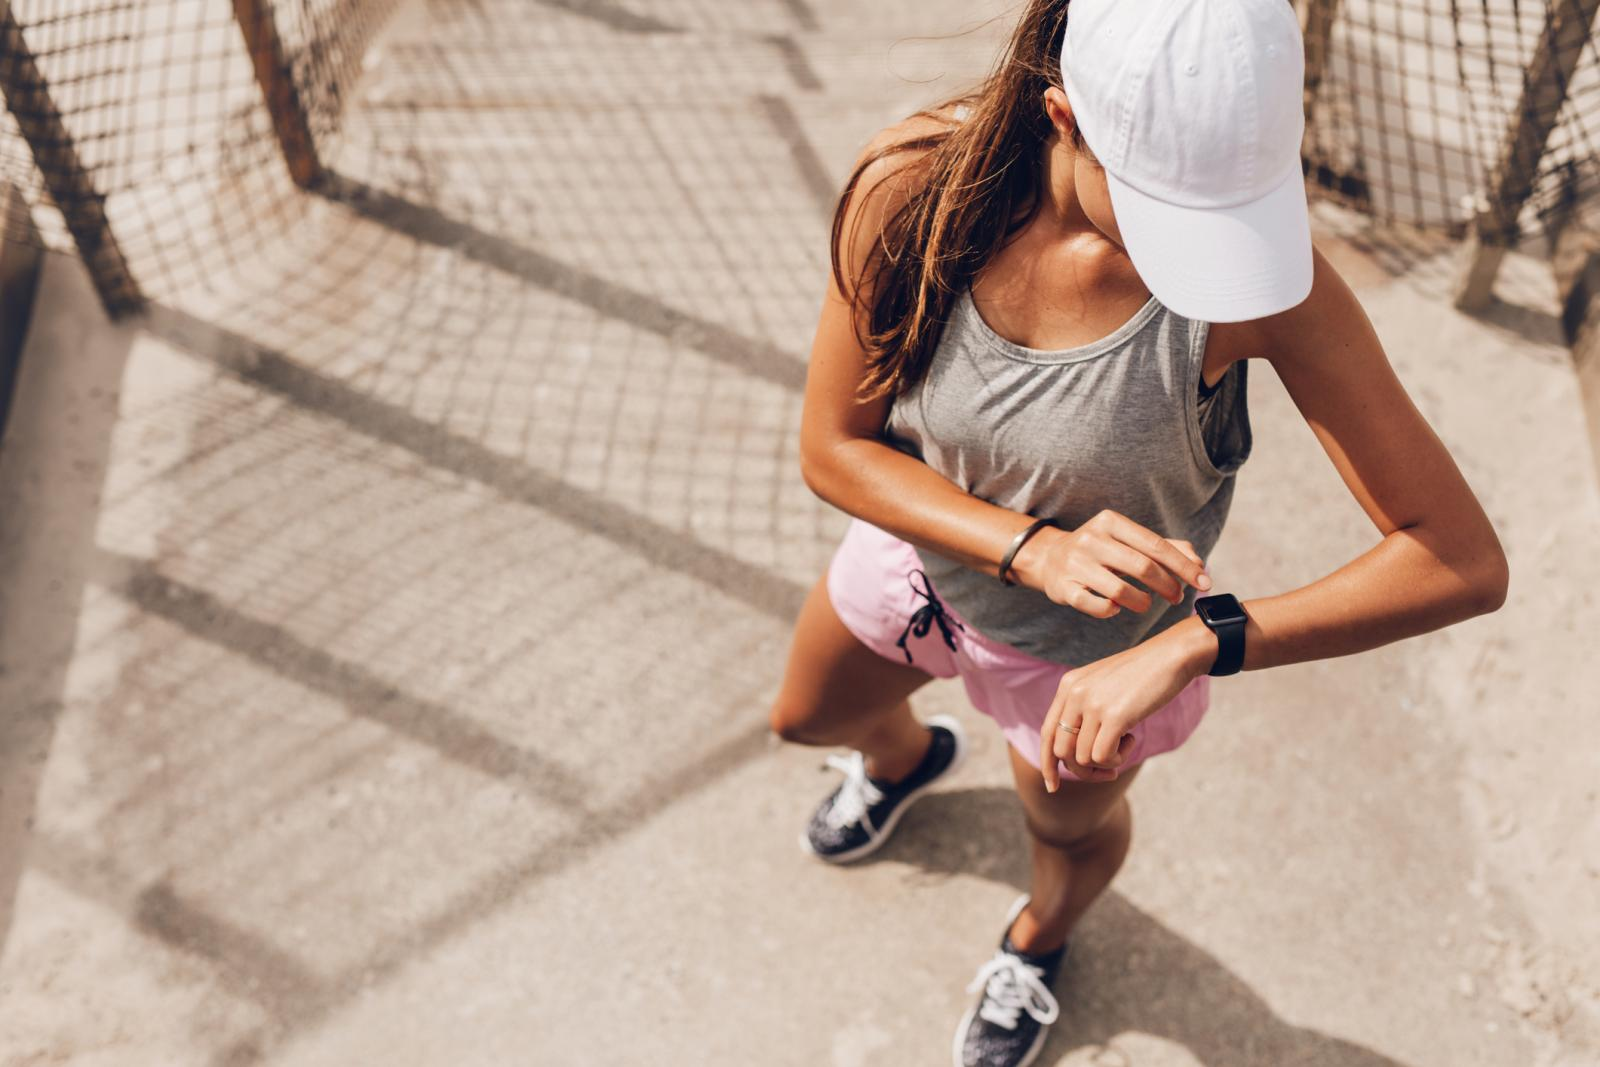 Uz reket i lopticu sve što treba su obične dvoranske tenisice, udobna sportska odjeća: majica, šorc i solidna količina dobre volje.